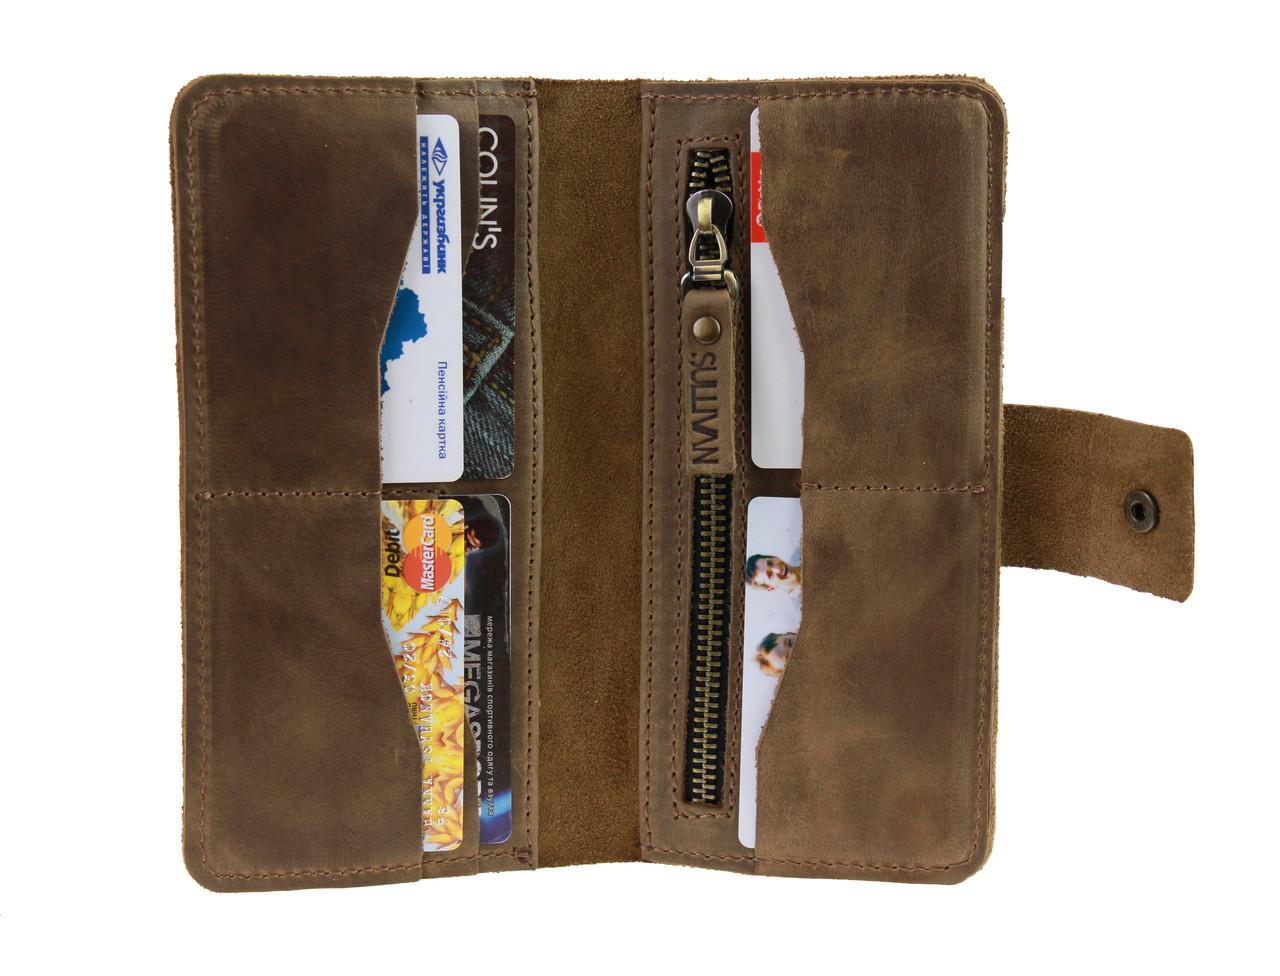 Кошелек мужской большой купюрник для денег портмоне картхолдер SULLIVAN  kmk42(10) оливковый